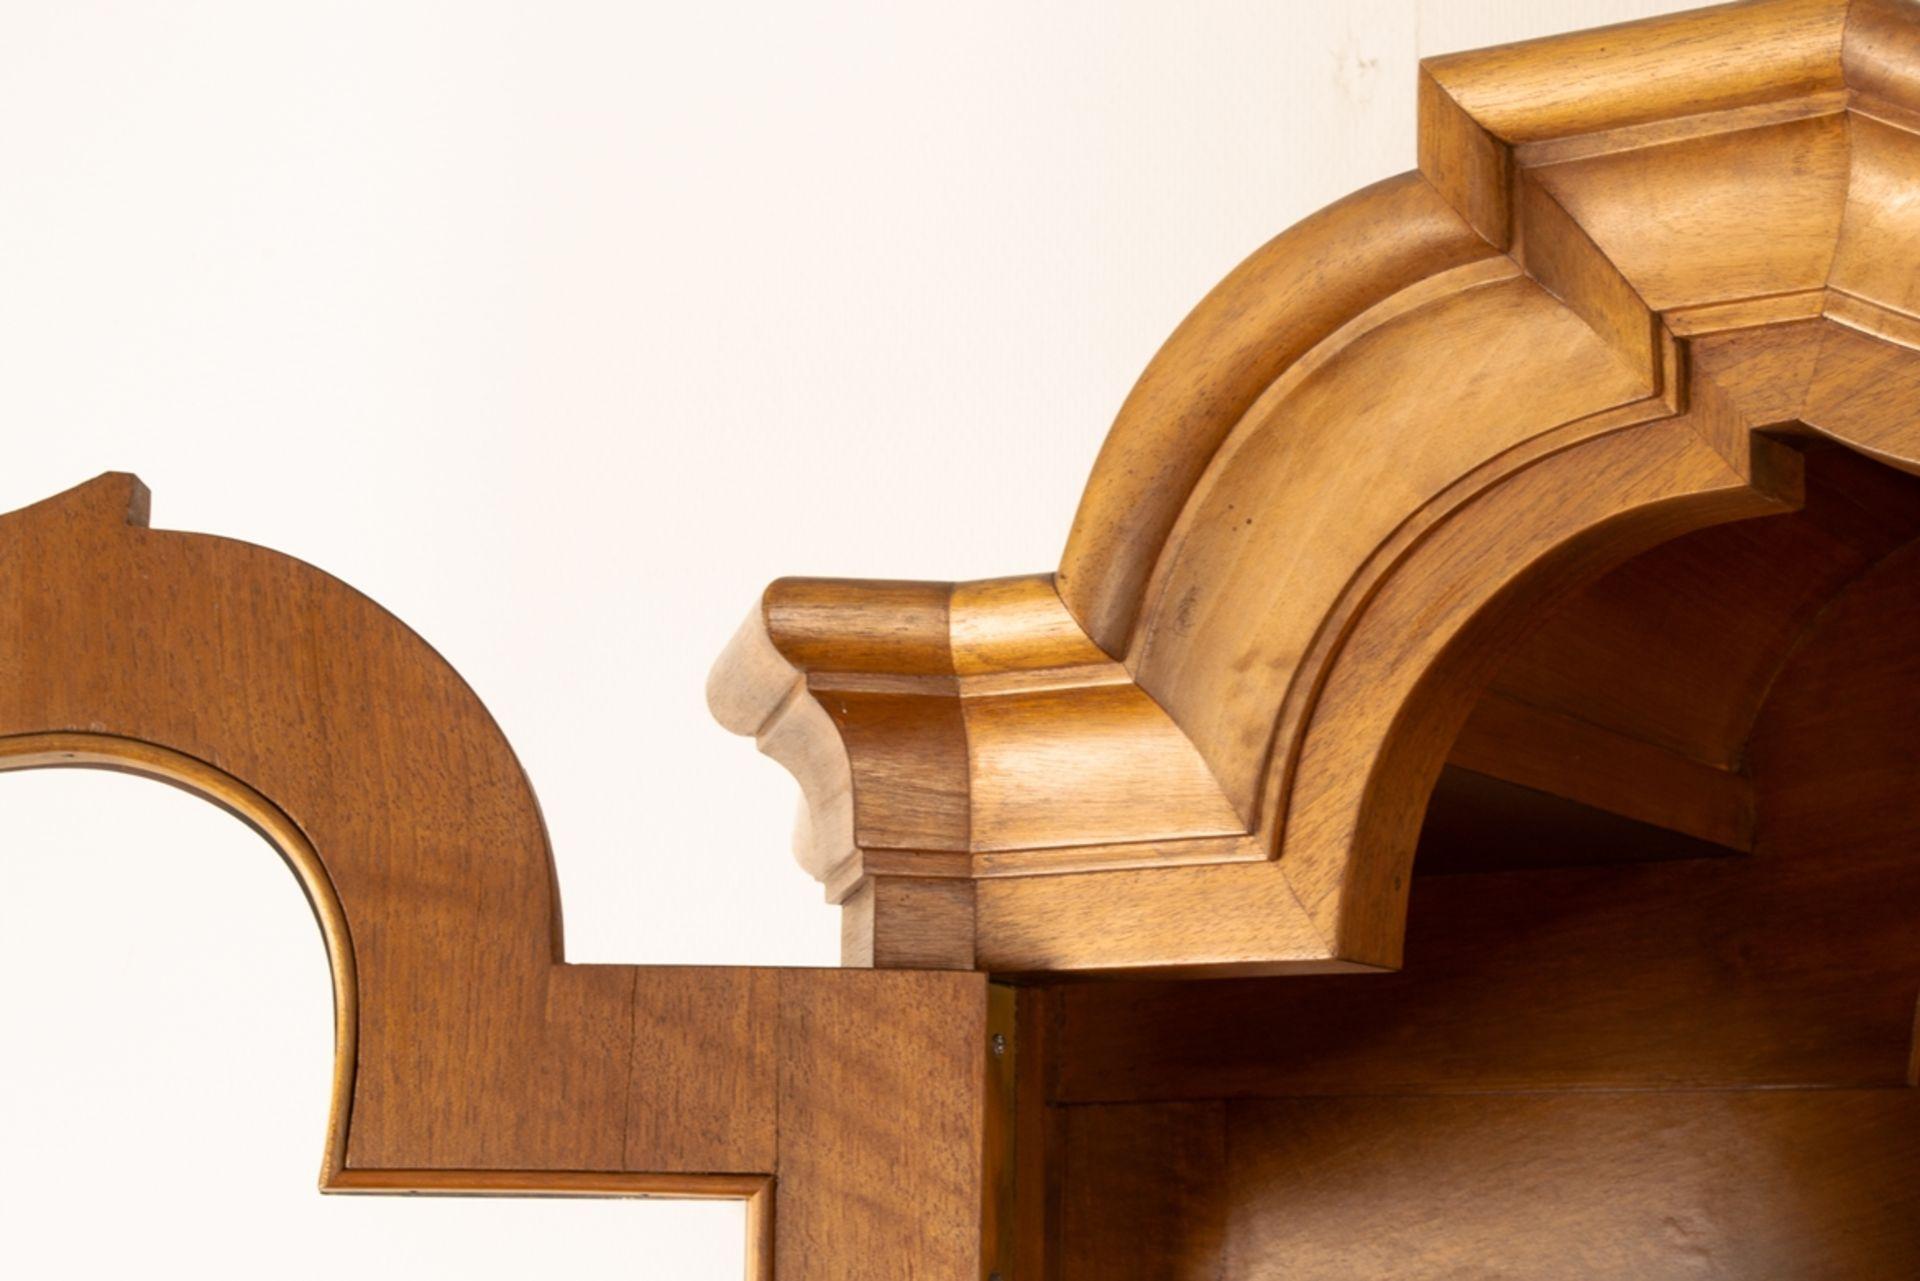 Großer, zweitüriger Bücherschrank, Barockstil, 2. Drittel 20. Jhd., Nussbaum massiv & furniert, - Bild 5 aus 10